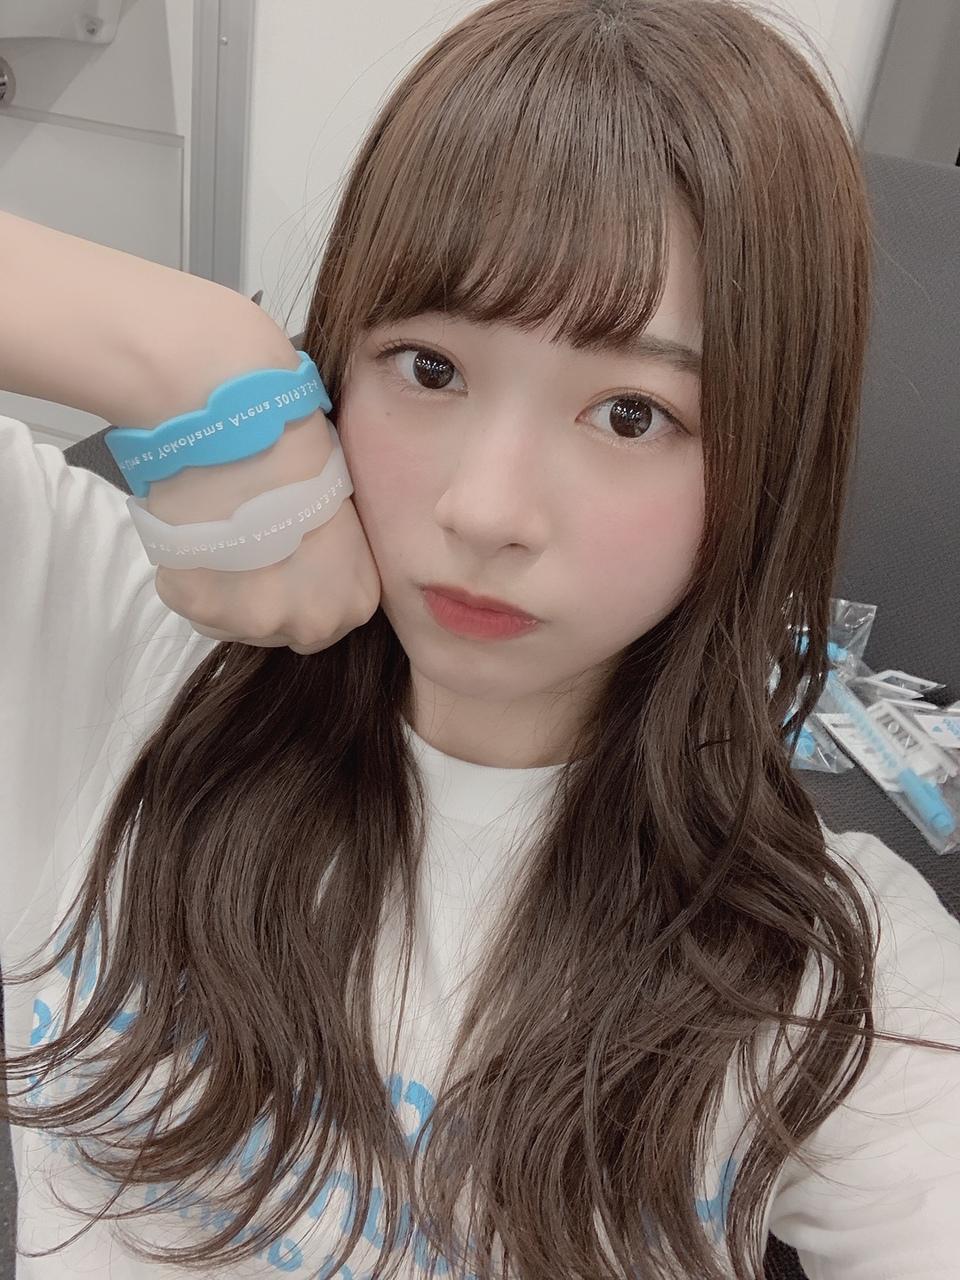 日向坂46メンバーブログまとめ2019年3月6日